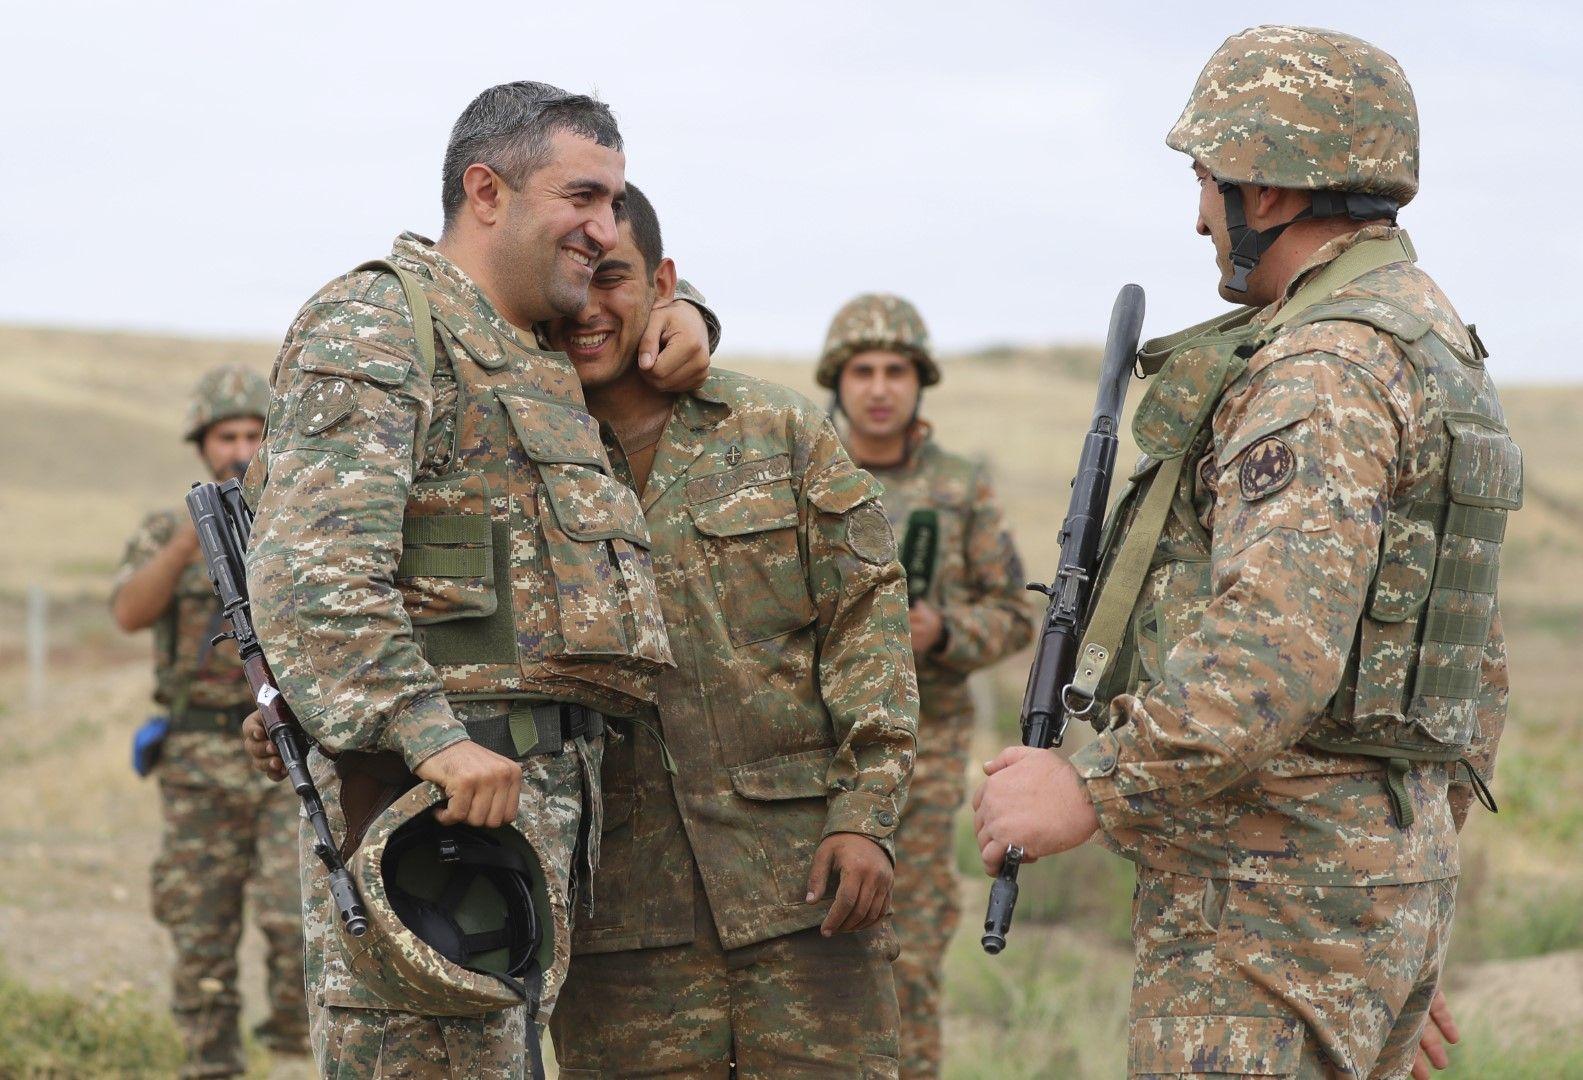 Арменски военни се радват след като са поразили цел в позиция на Азербайджан в Нагорни Карабах, 29 септември